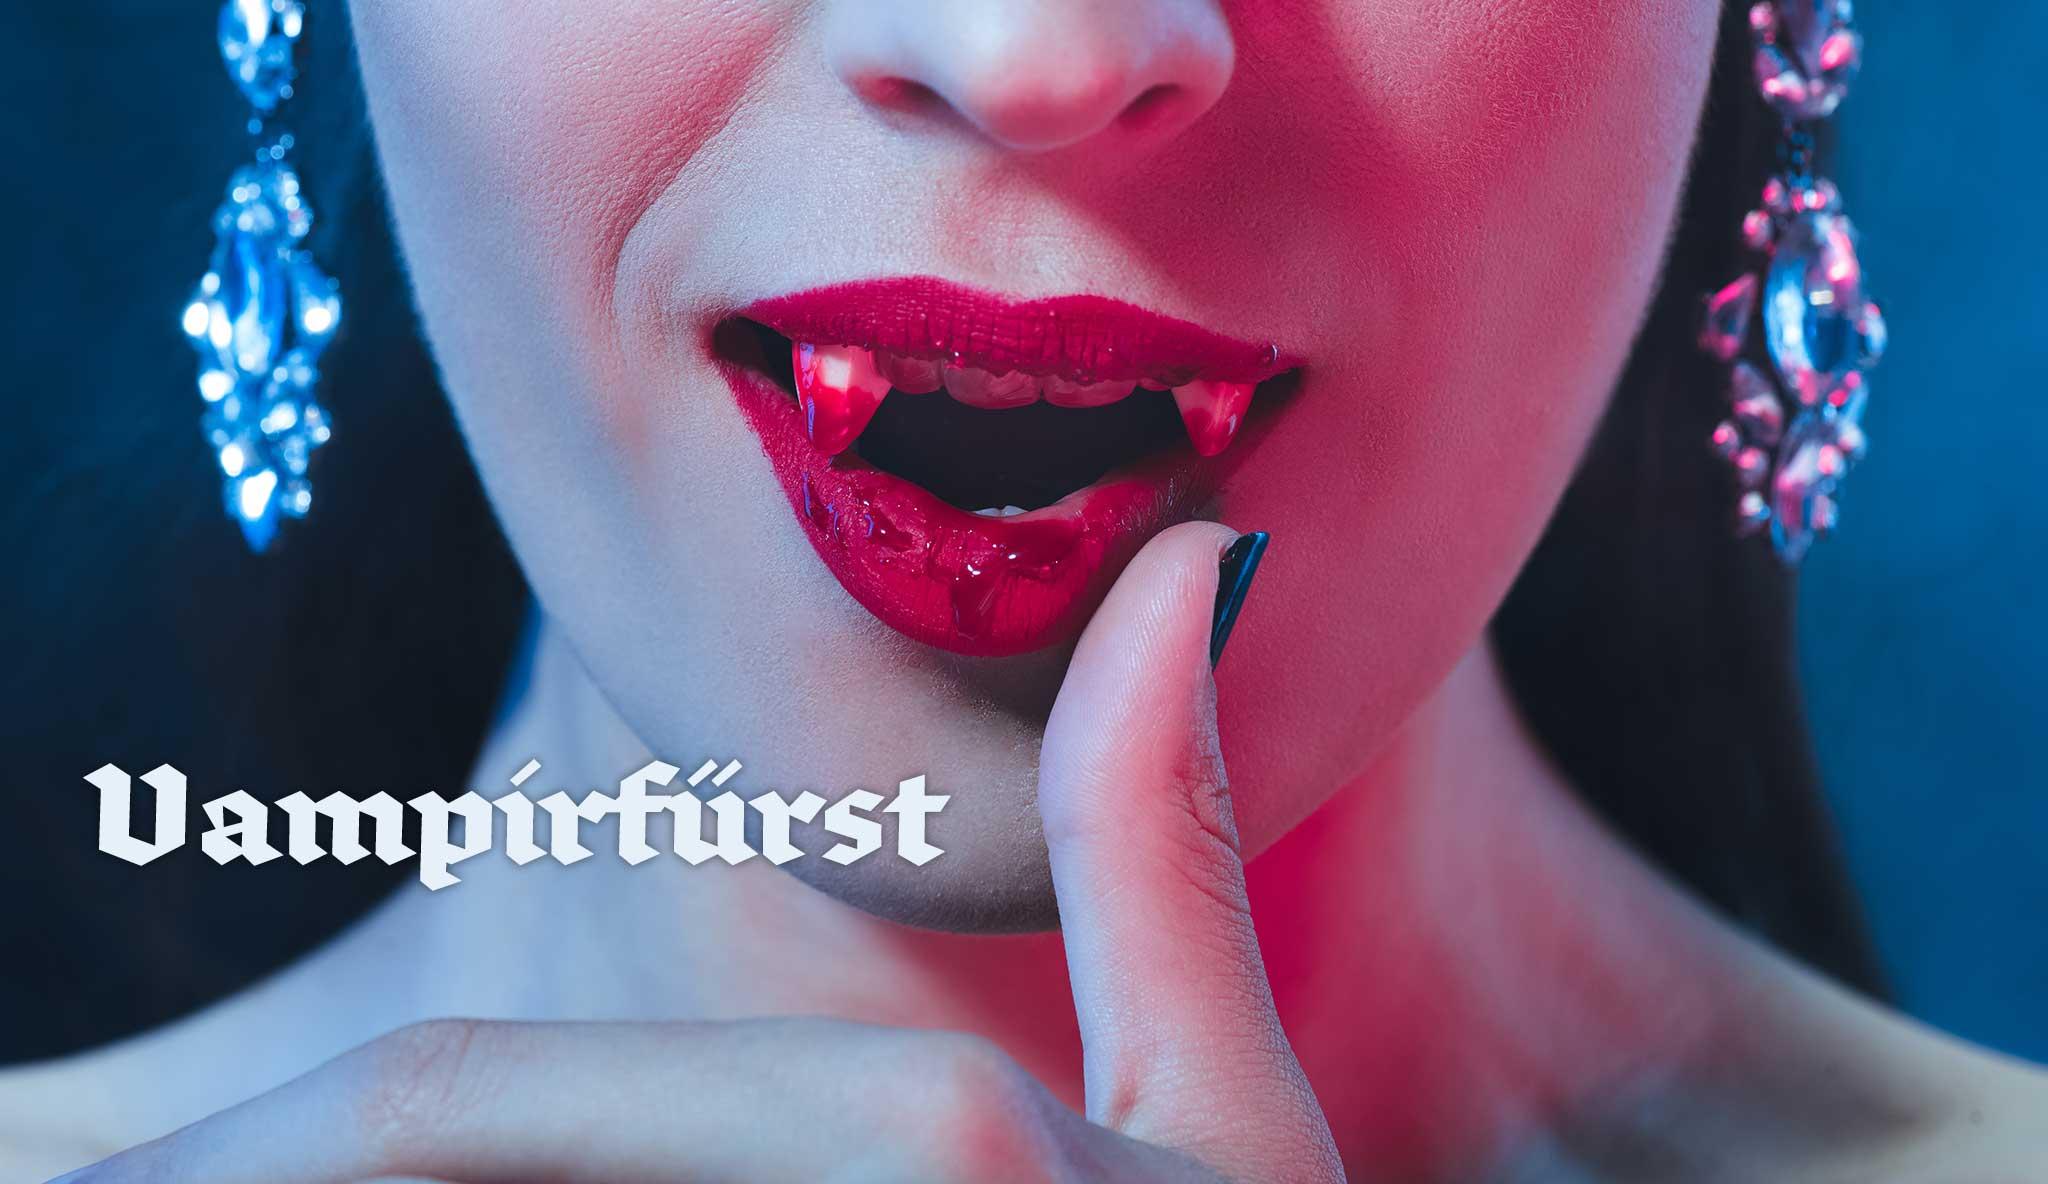 vampirfurst-lord-of-the-dead\header.jpg